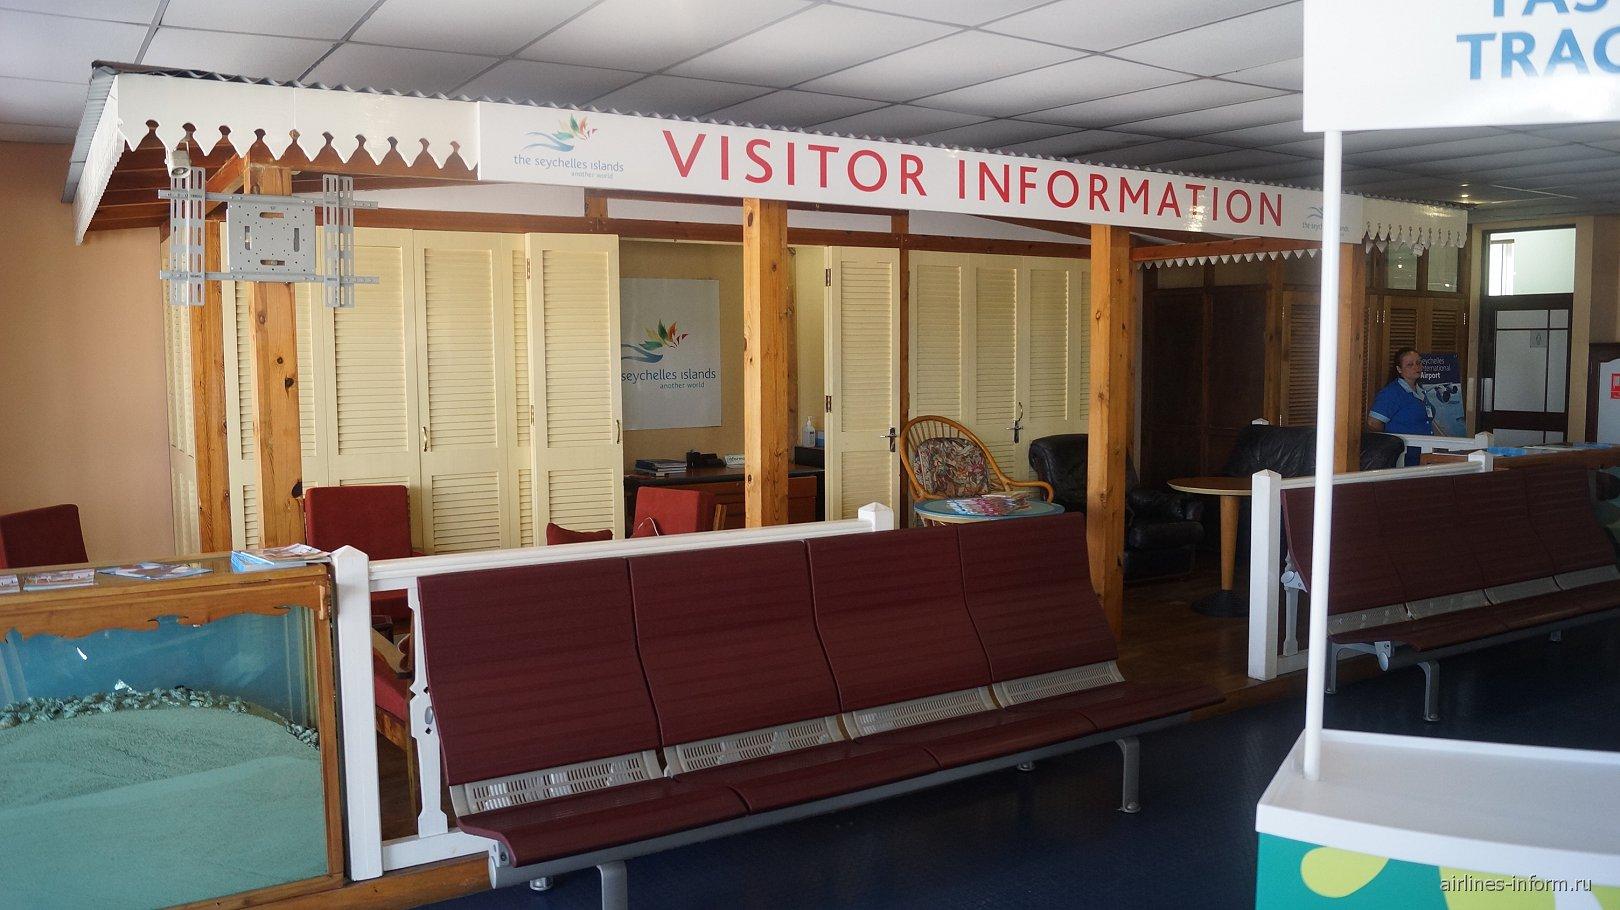 Информационная стойка в аэропорту Маэ